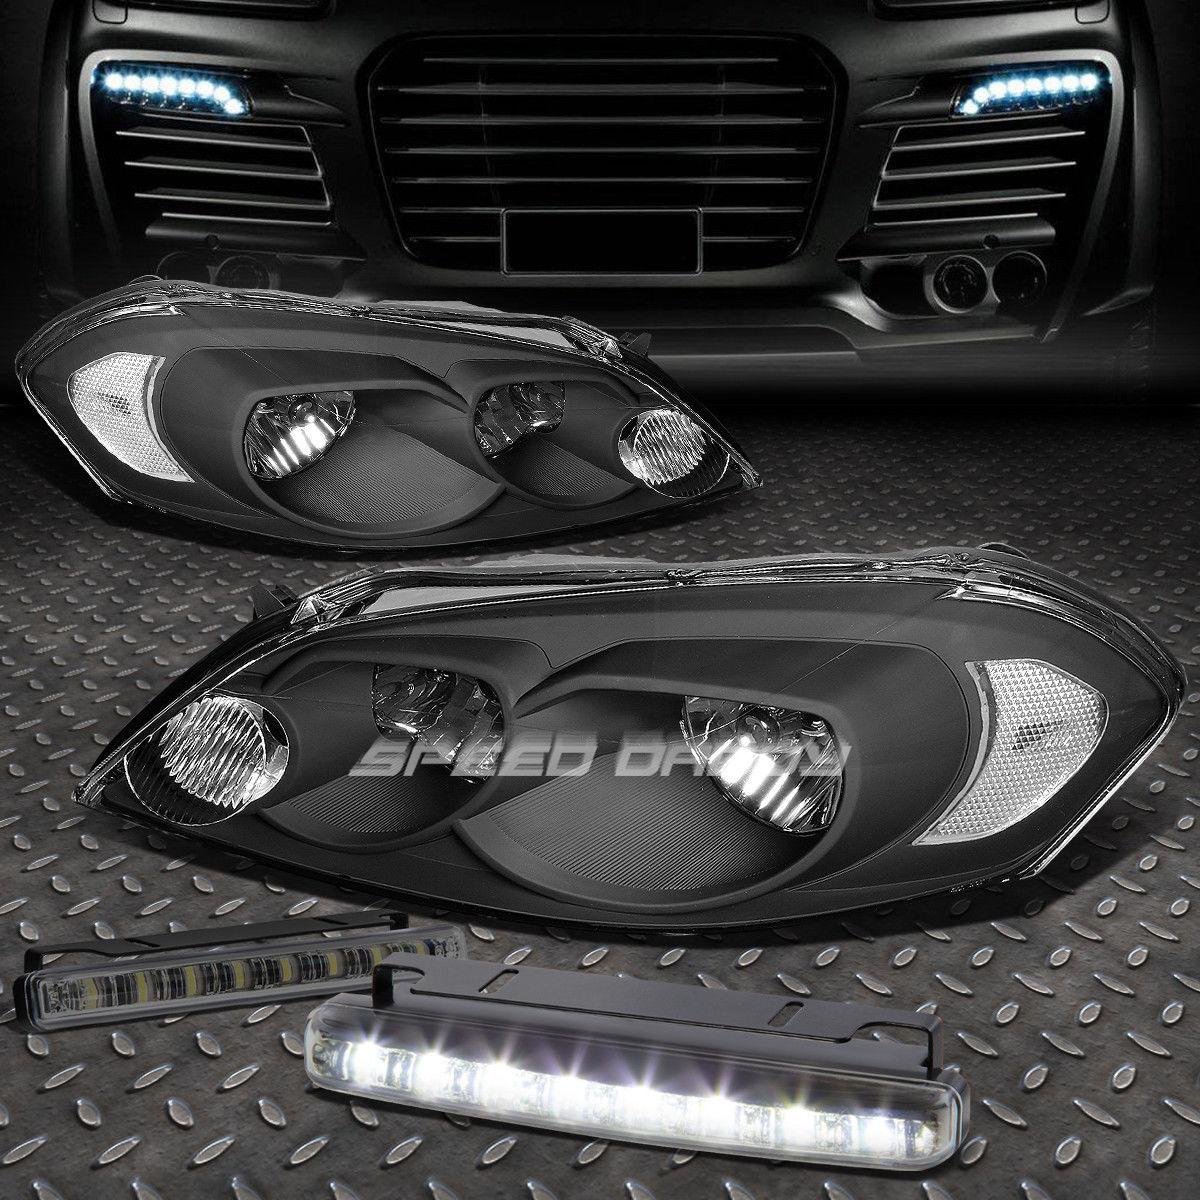 フォグライト BLACK HOUSING+CORNER HEADLIGHT+8 LED SMOKE FOG LIGHT FOR 06-16 MONTE CARLO ブラックホーニング+コーナーヘッドライト+ 8 LED SMOKE FOGライト、06-16 MONTE CARLO